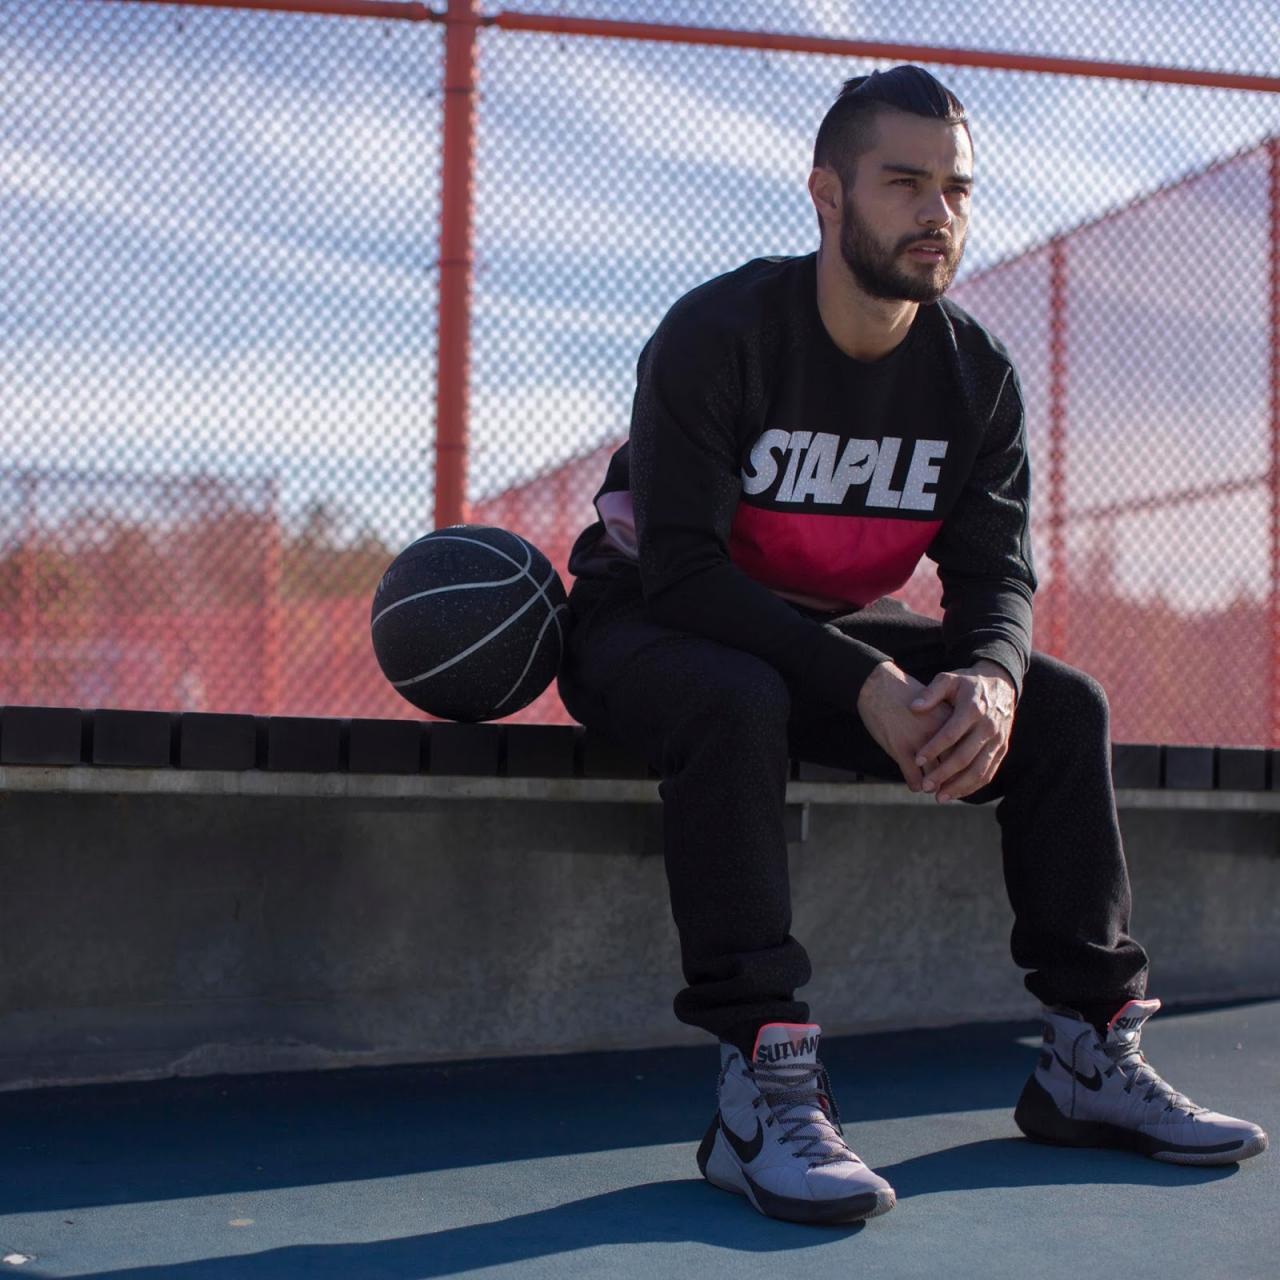 Basquete e sneakers inspiram coleção da Staple